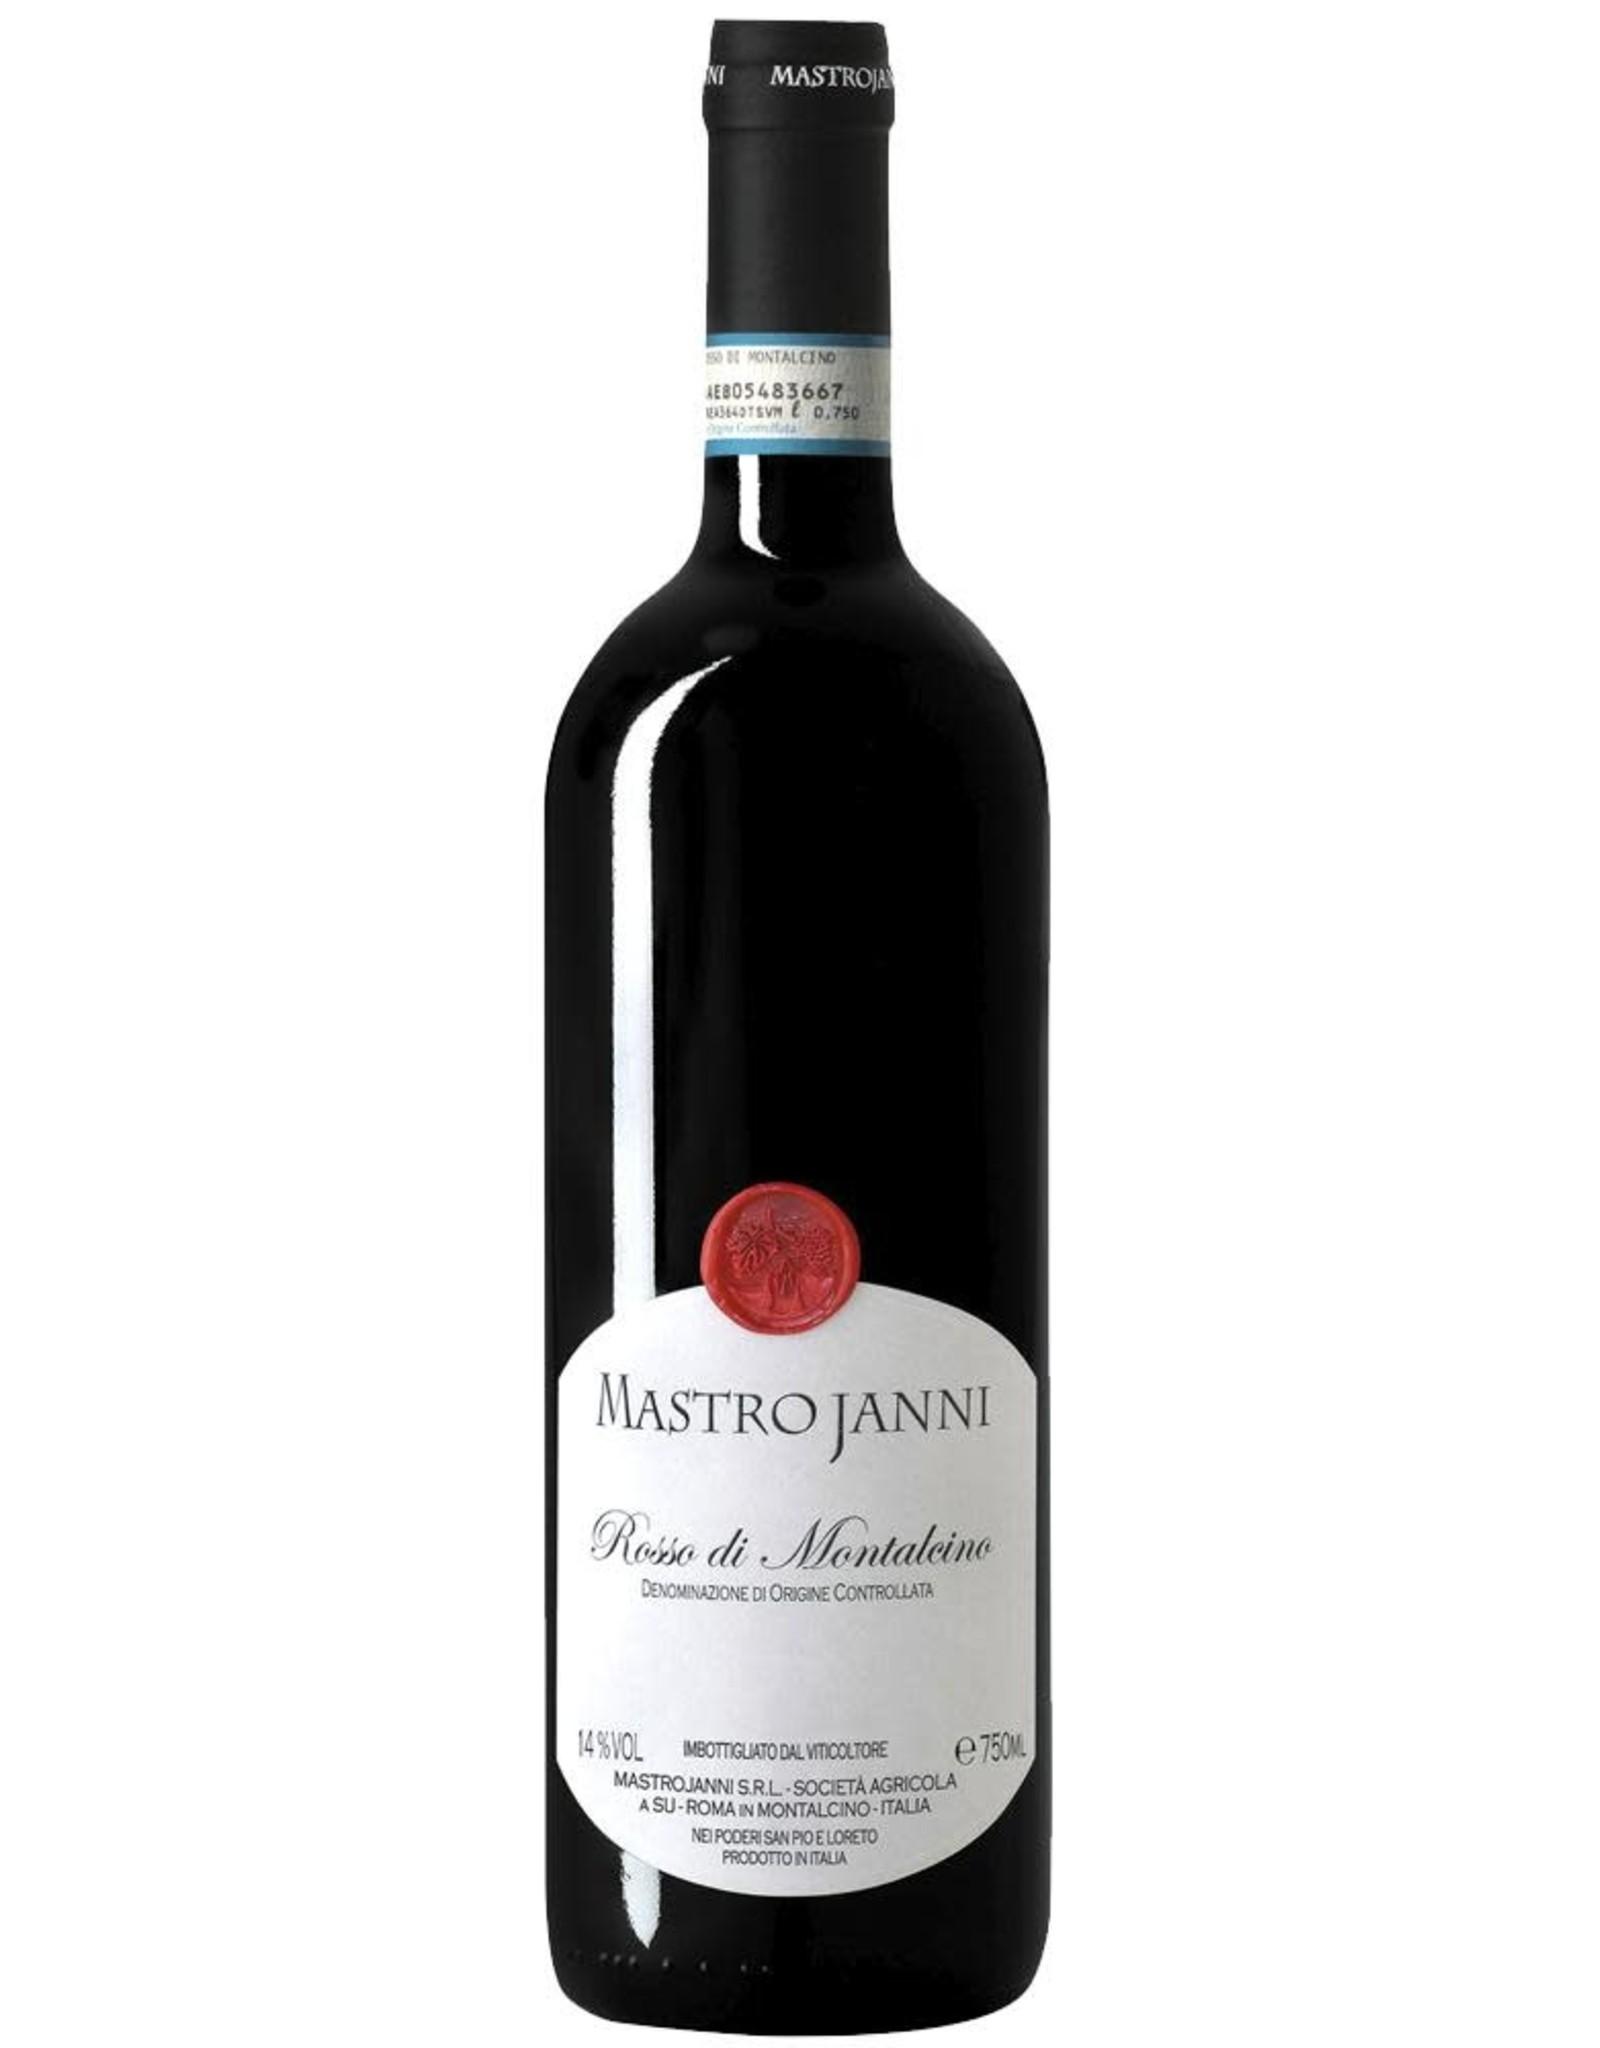 Mastro Janni Rosso di Montalcino 2017